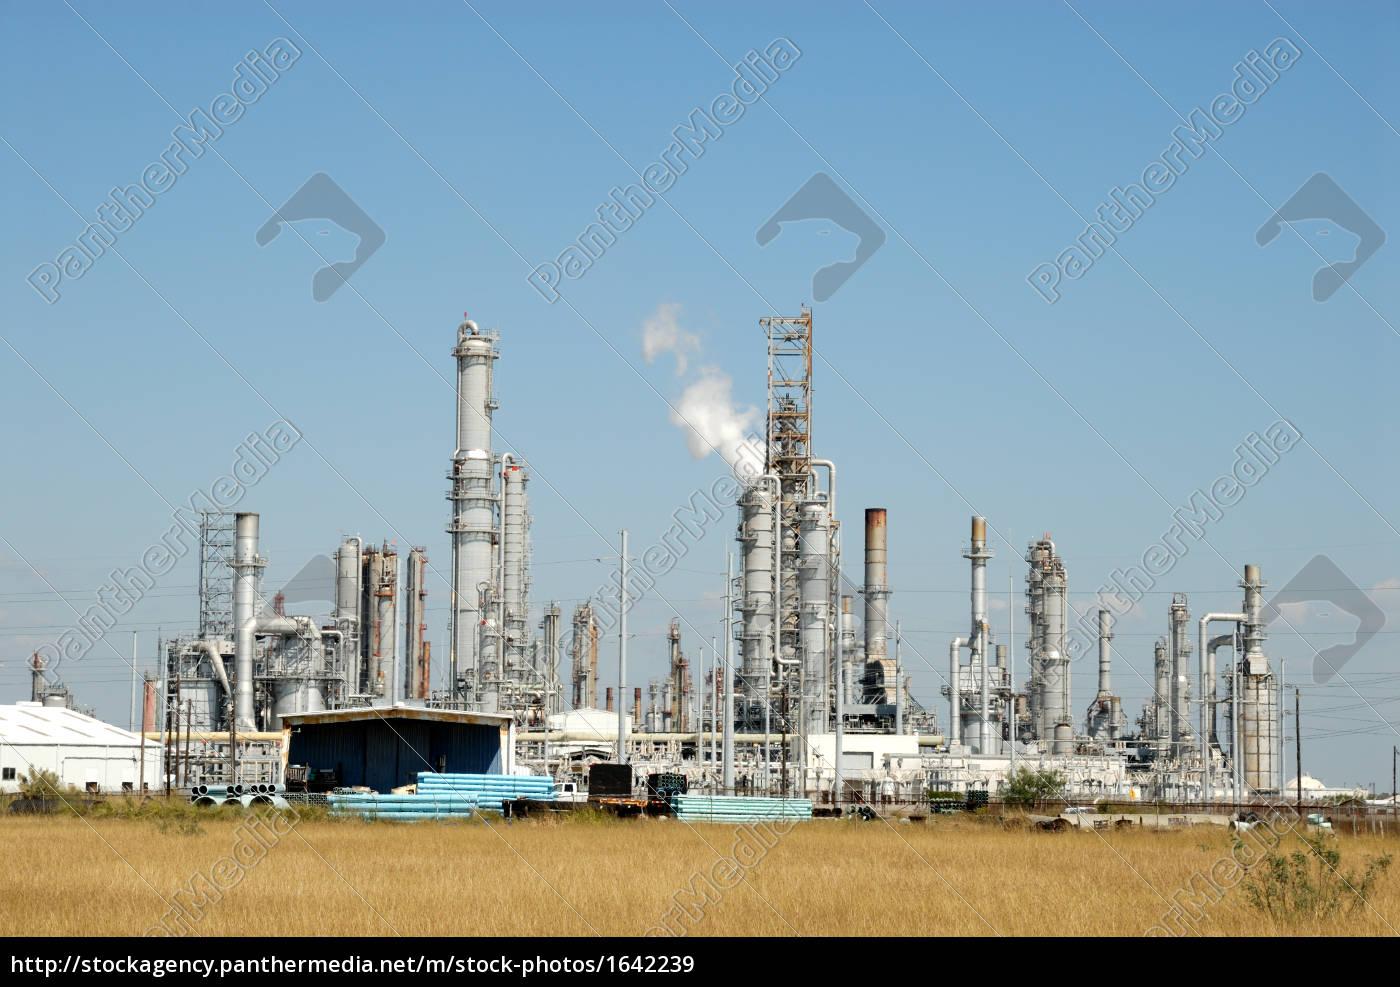 refinery - 1642239